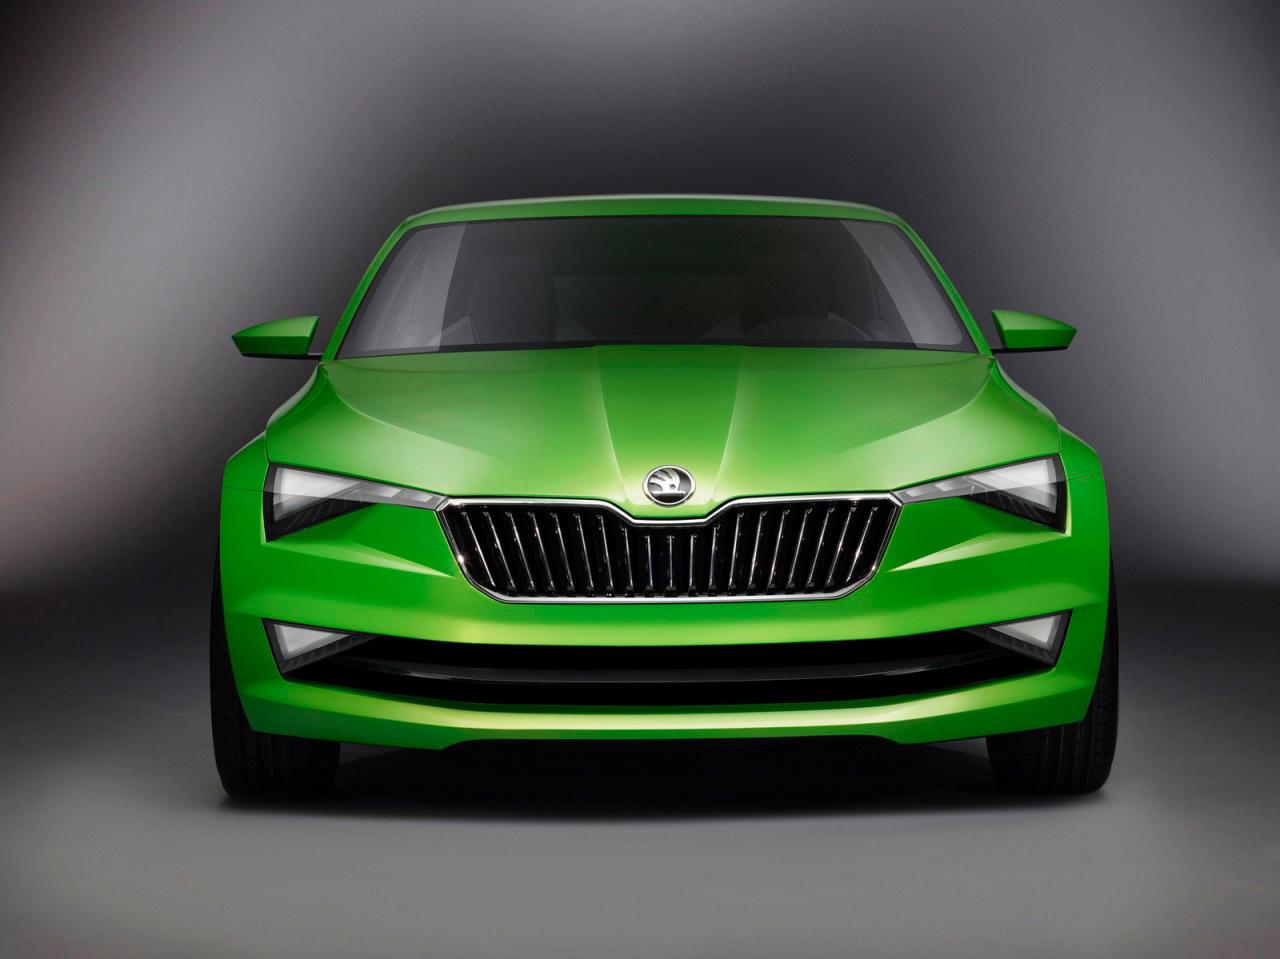 Skoda-Vision-C-Concept-2014-1